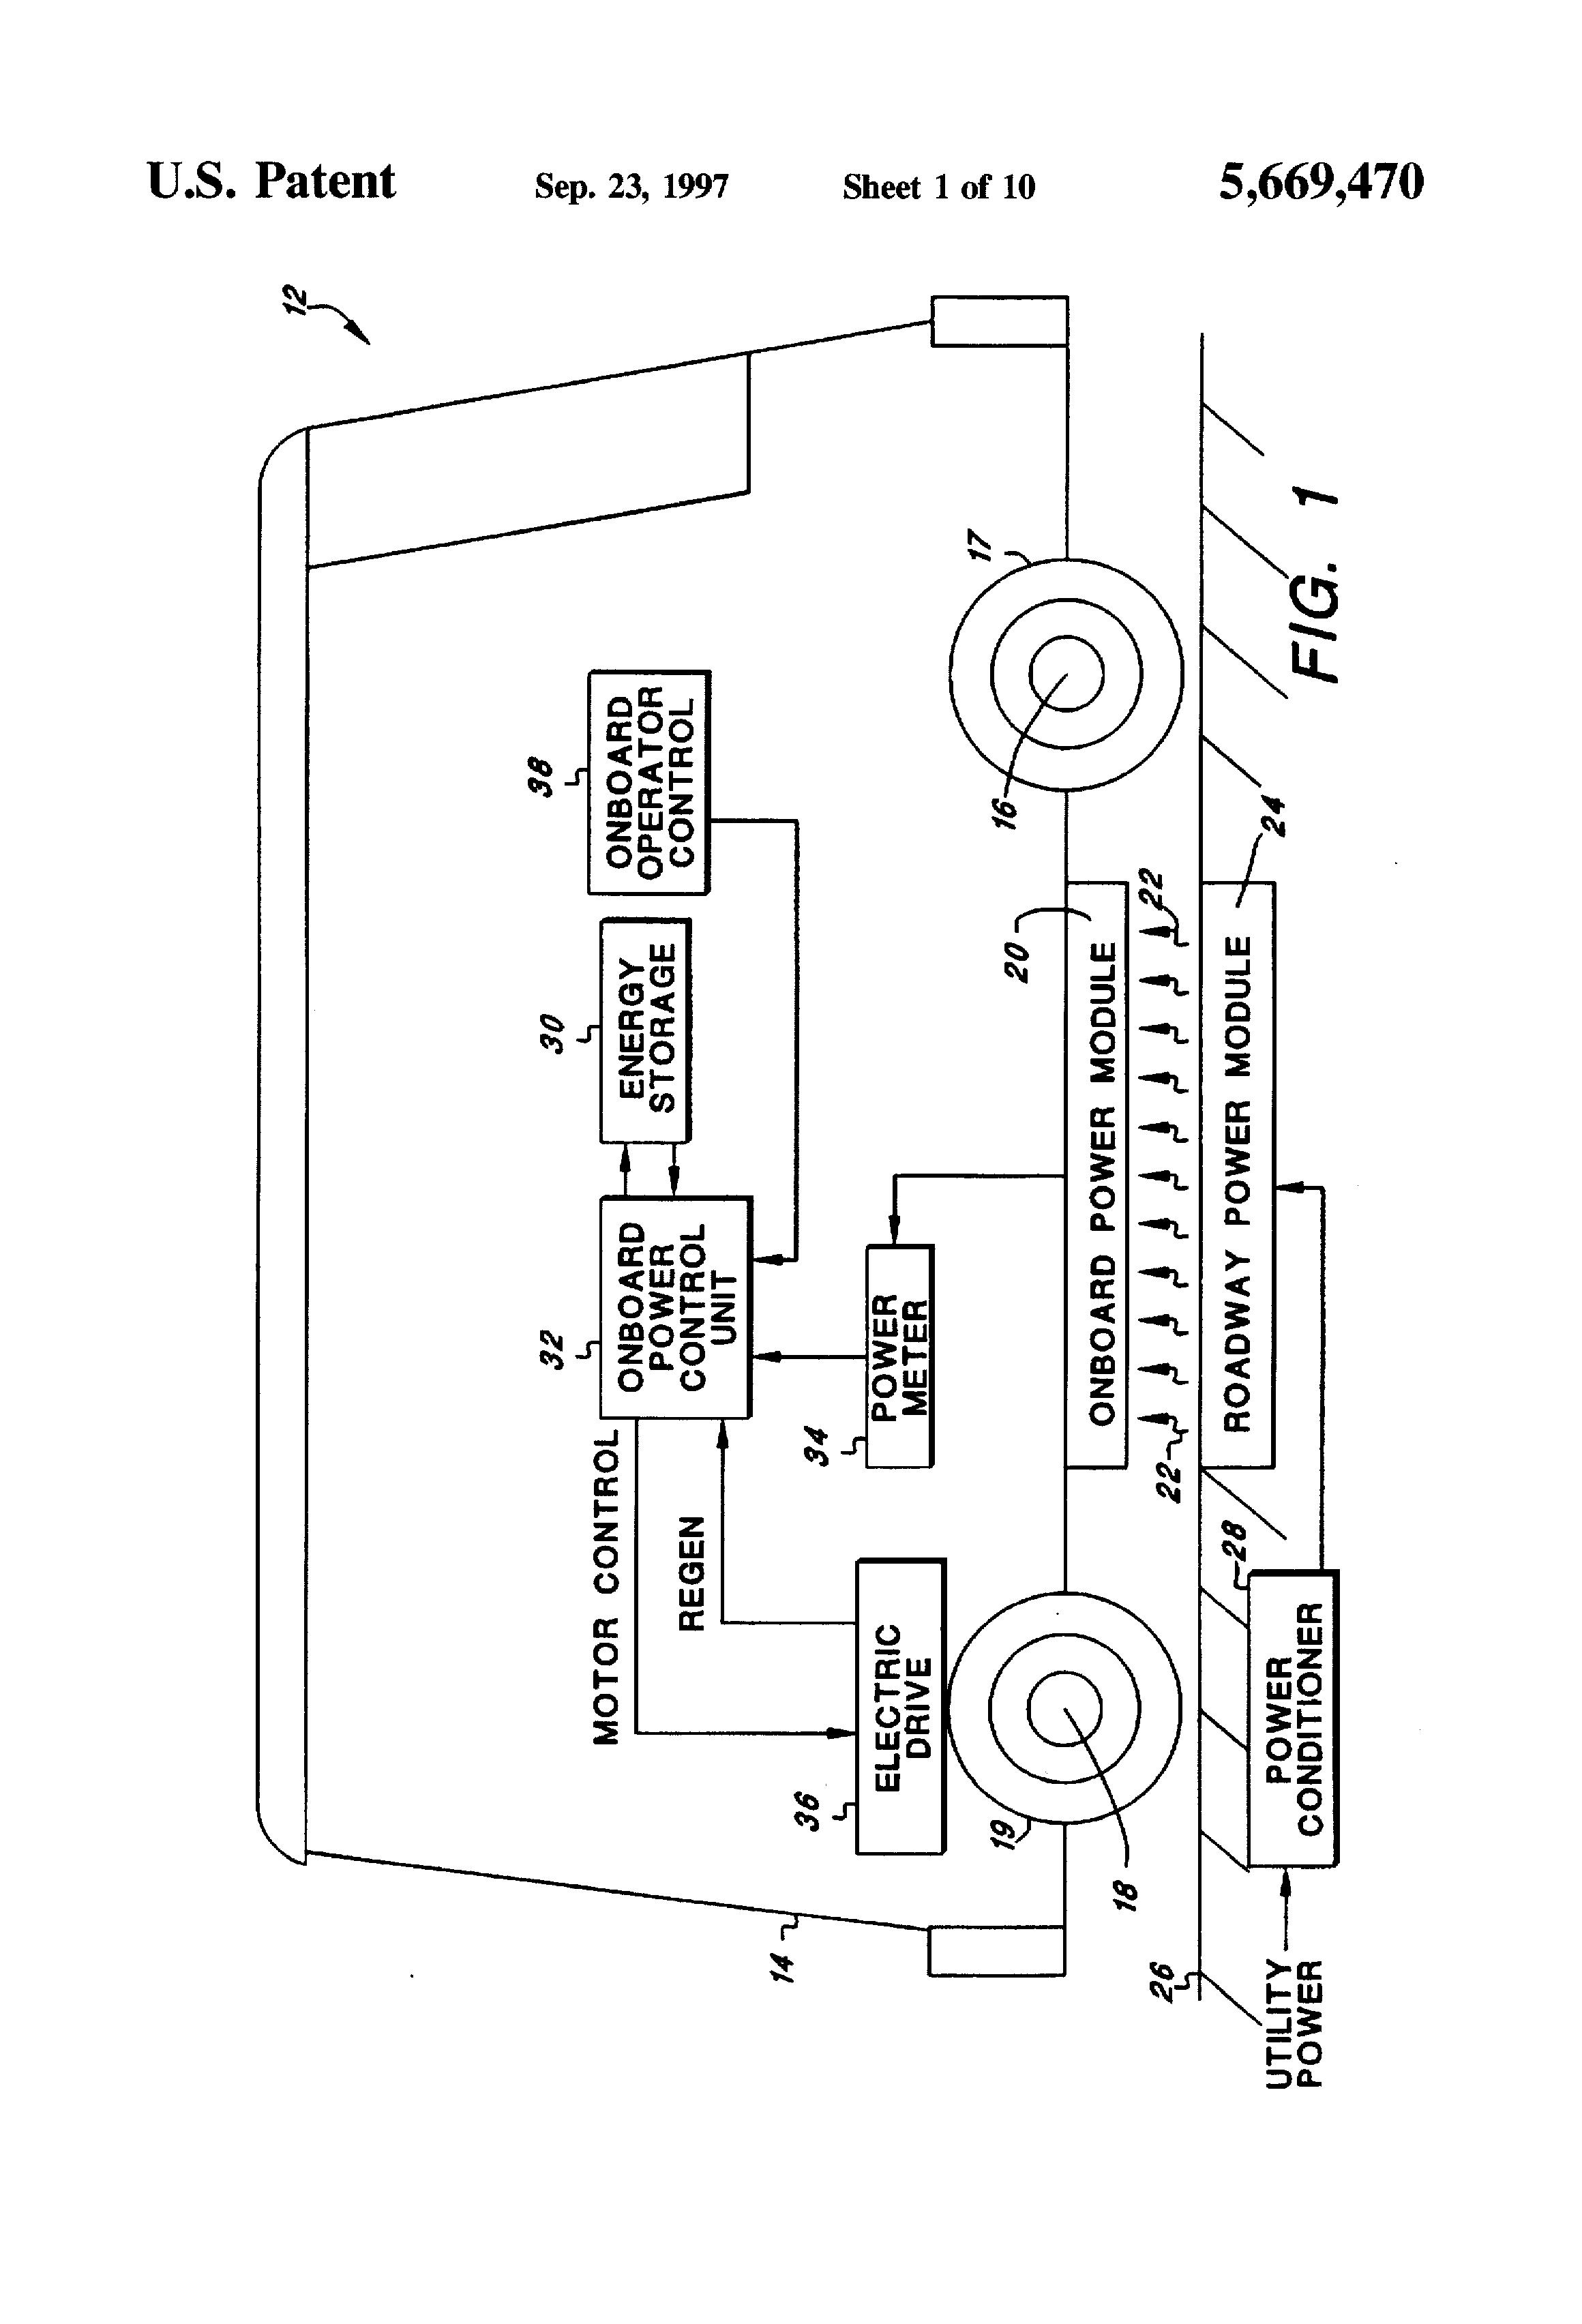 2004 lexus rx330 vacuum diagram lexus rx330 wiring diagram 2005 lexus rx330 radio wiring diagram 2005 lexus rx330 ...